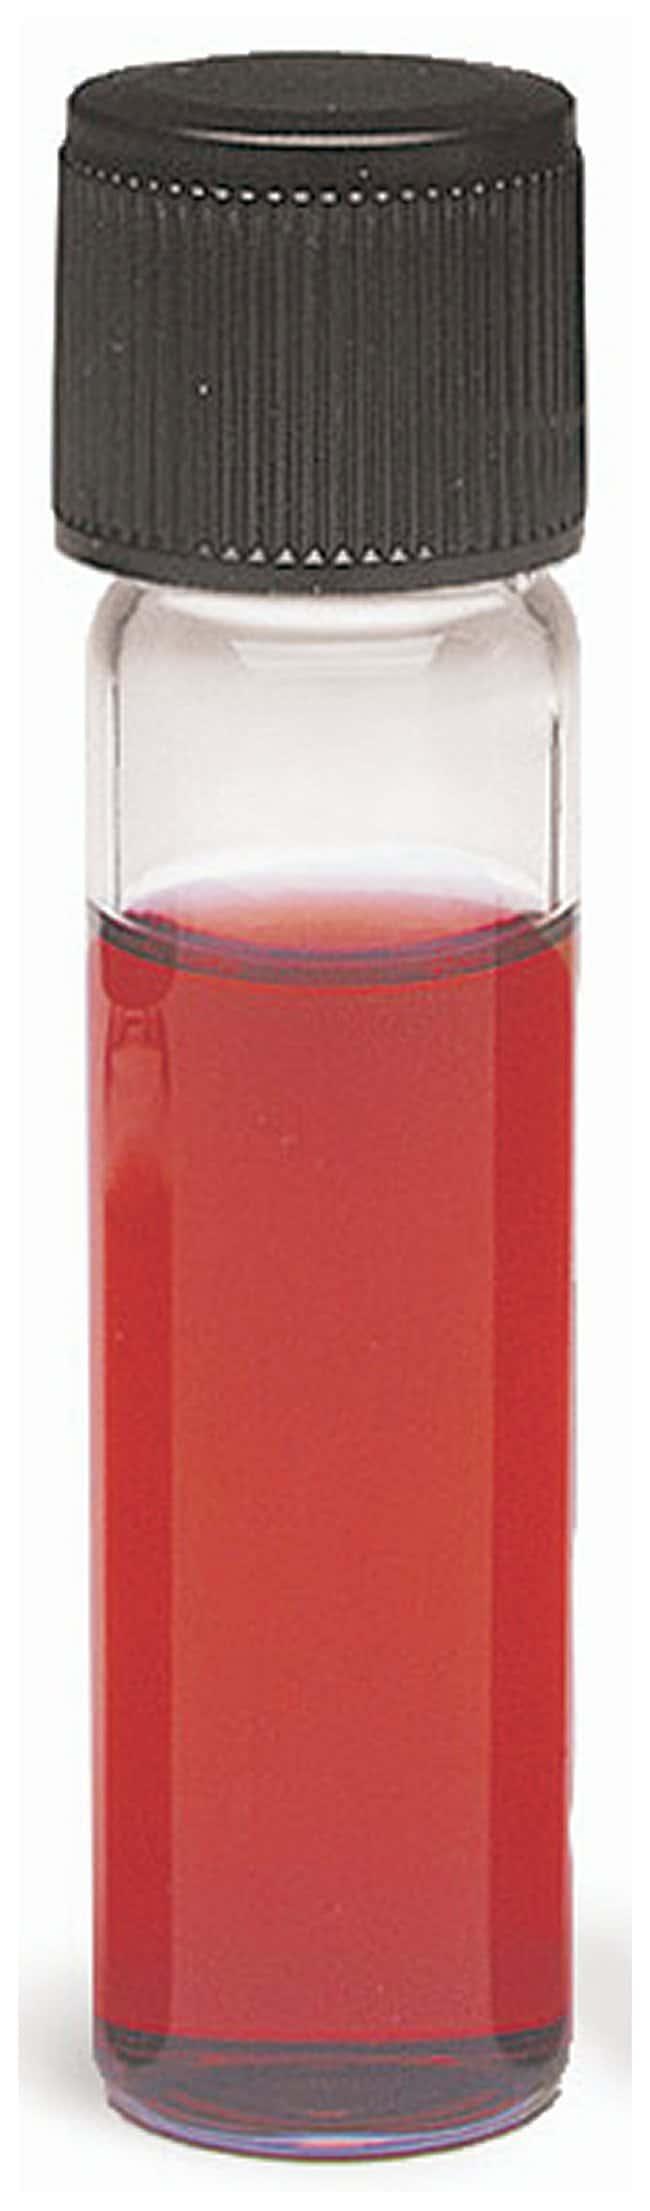 DWK Life Sciences Wheaton Glass Culture Vials Culture Vials, Capacity: